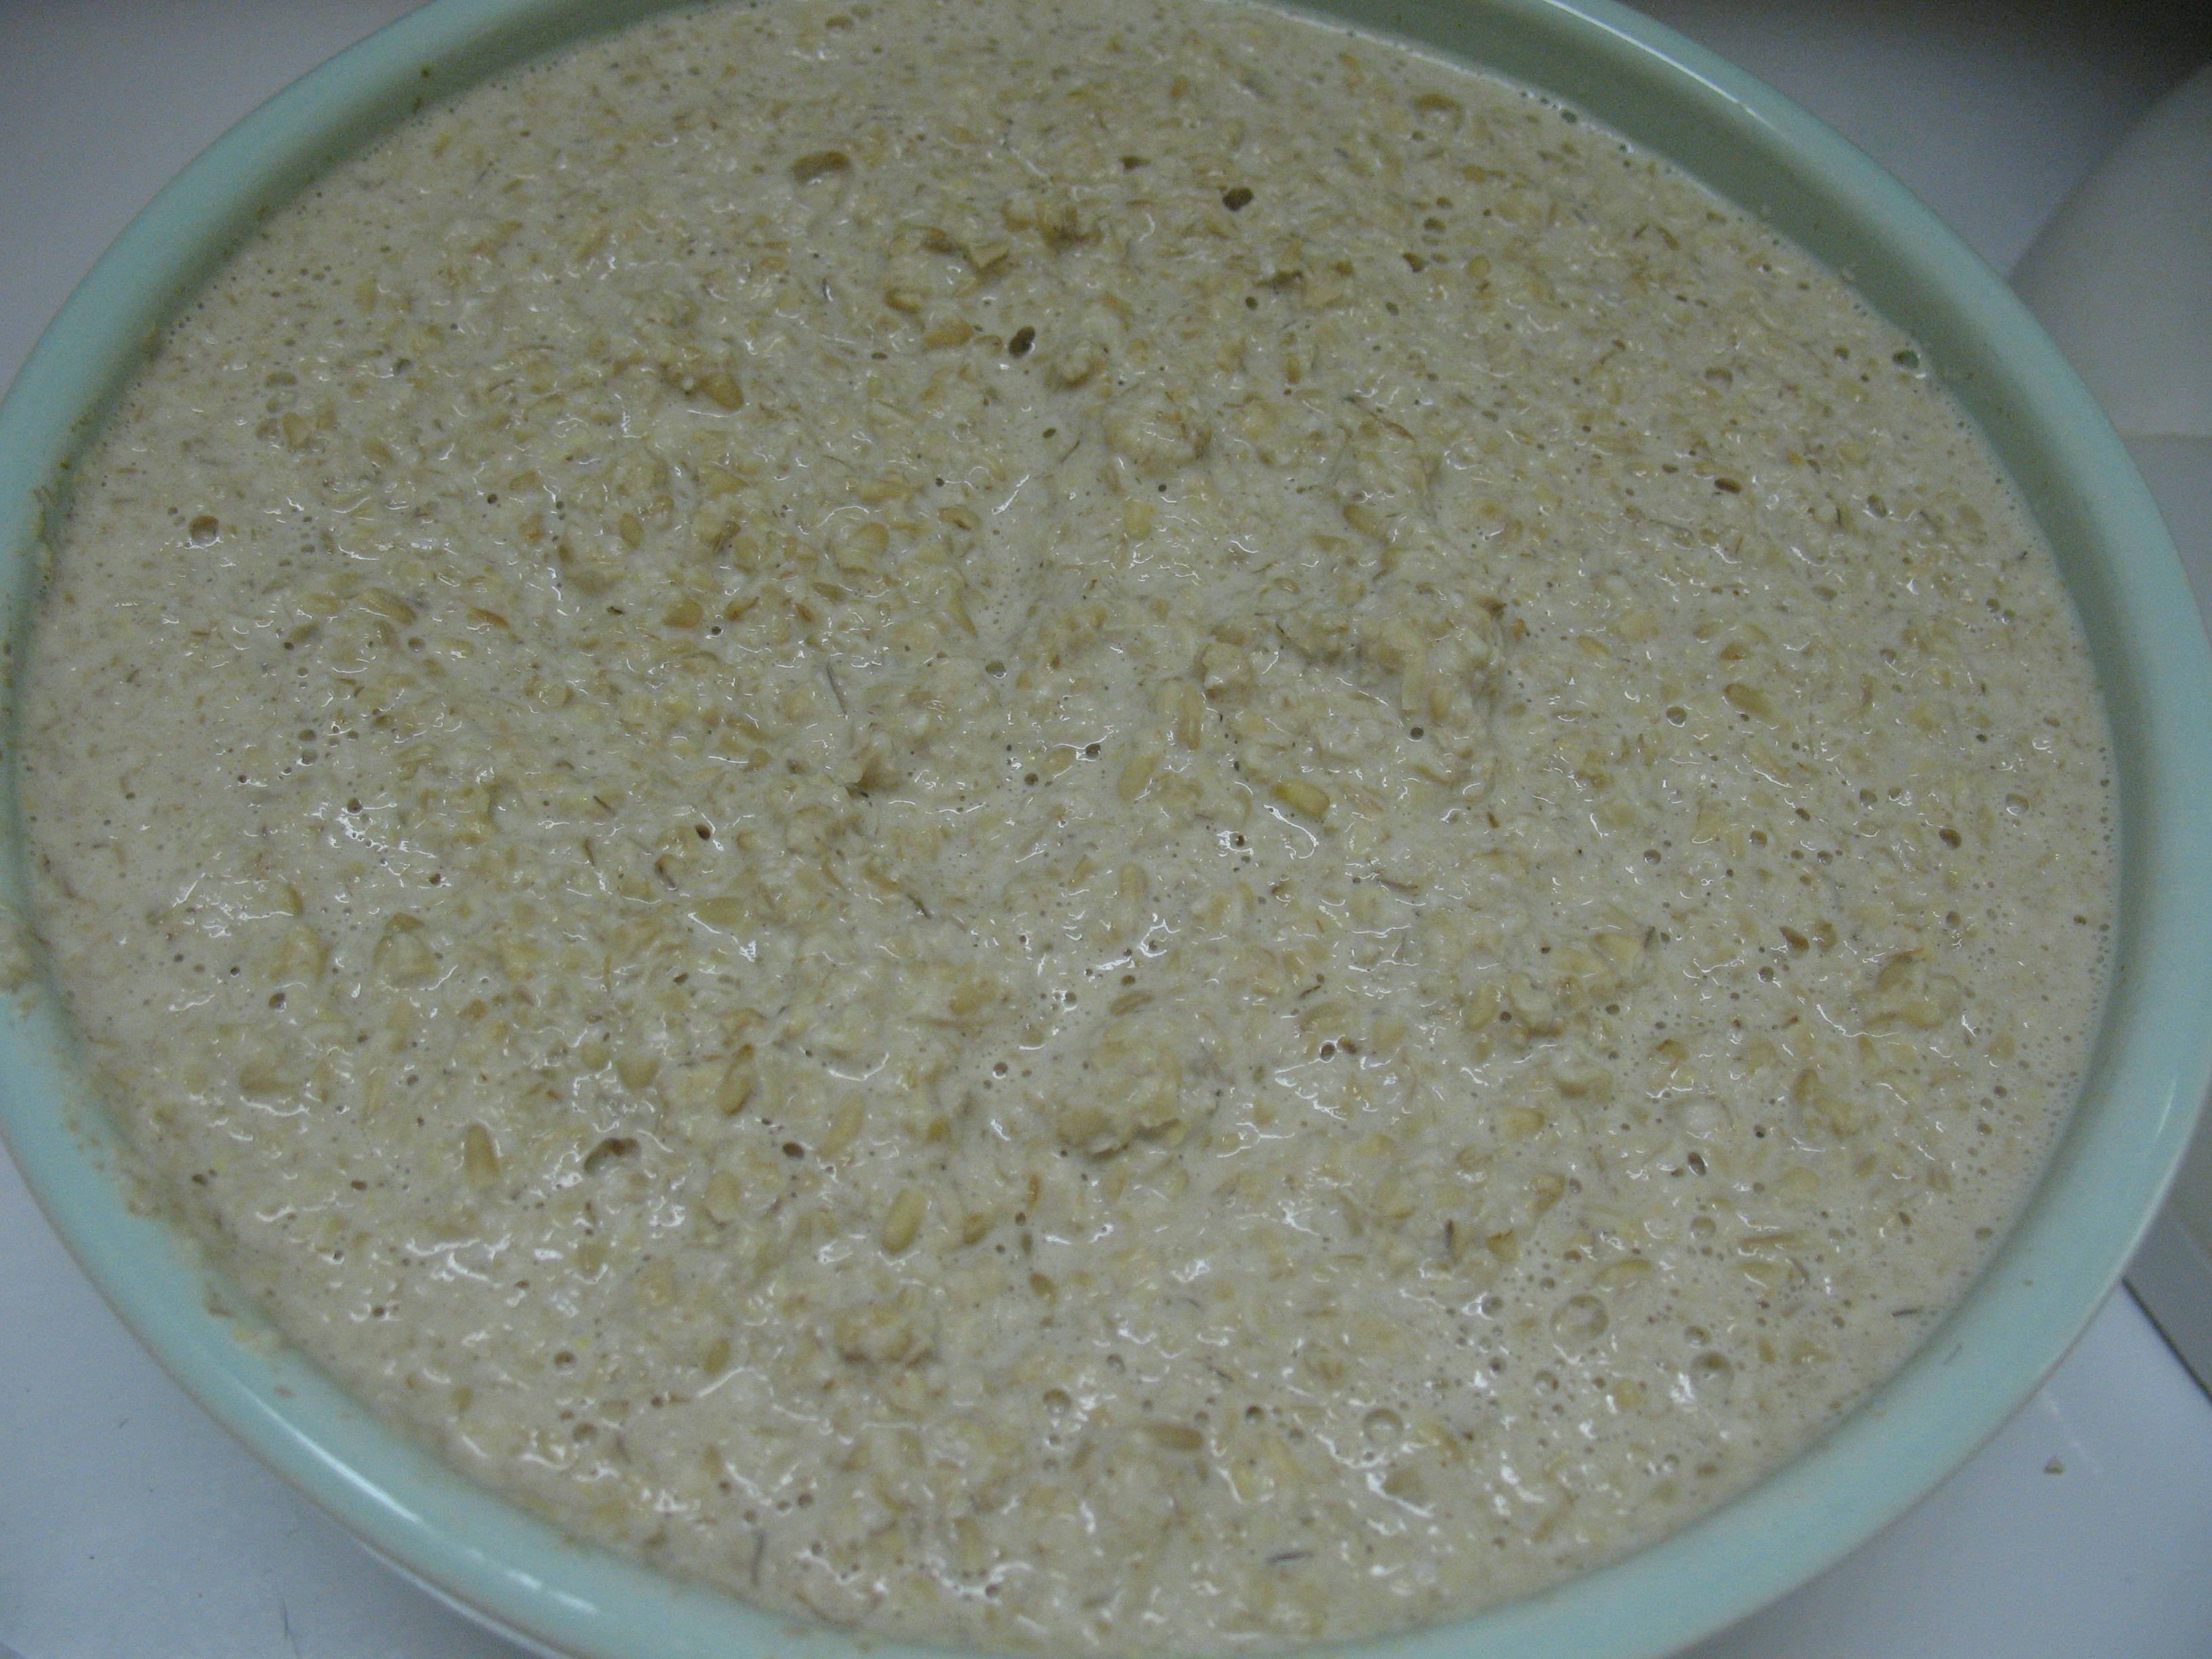 Raw oatmeal.